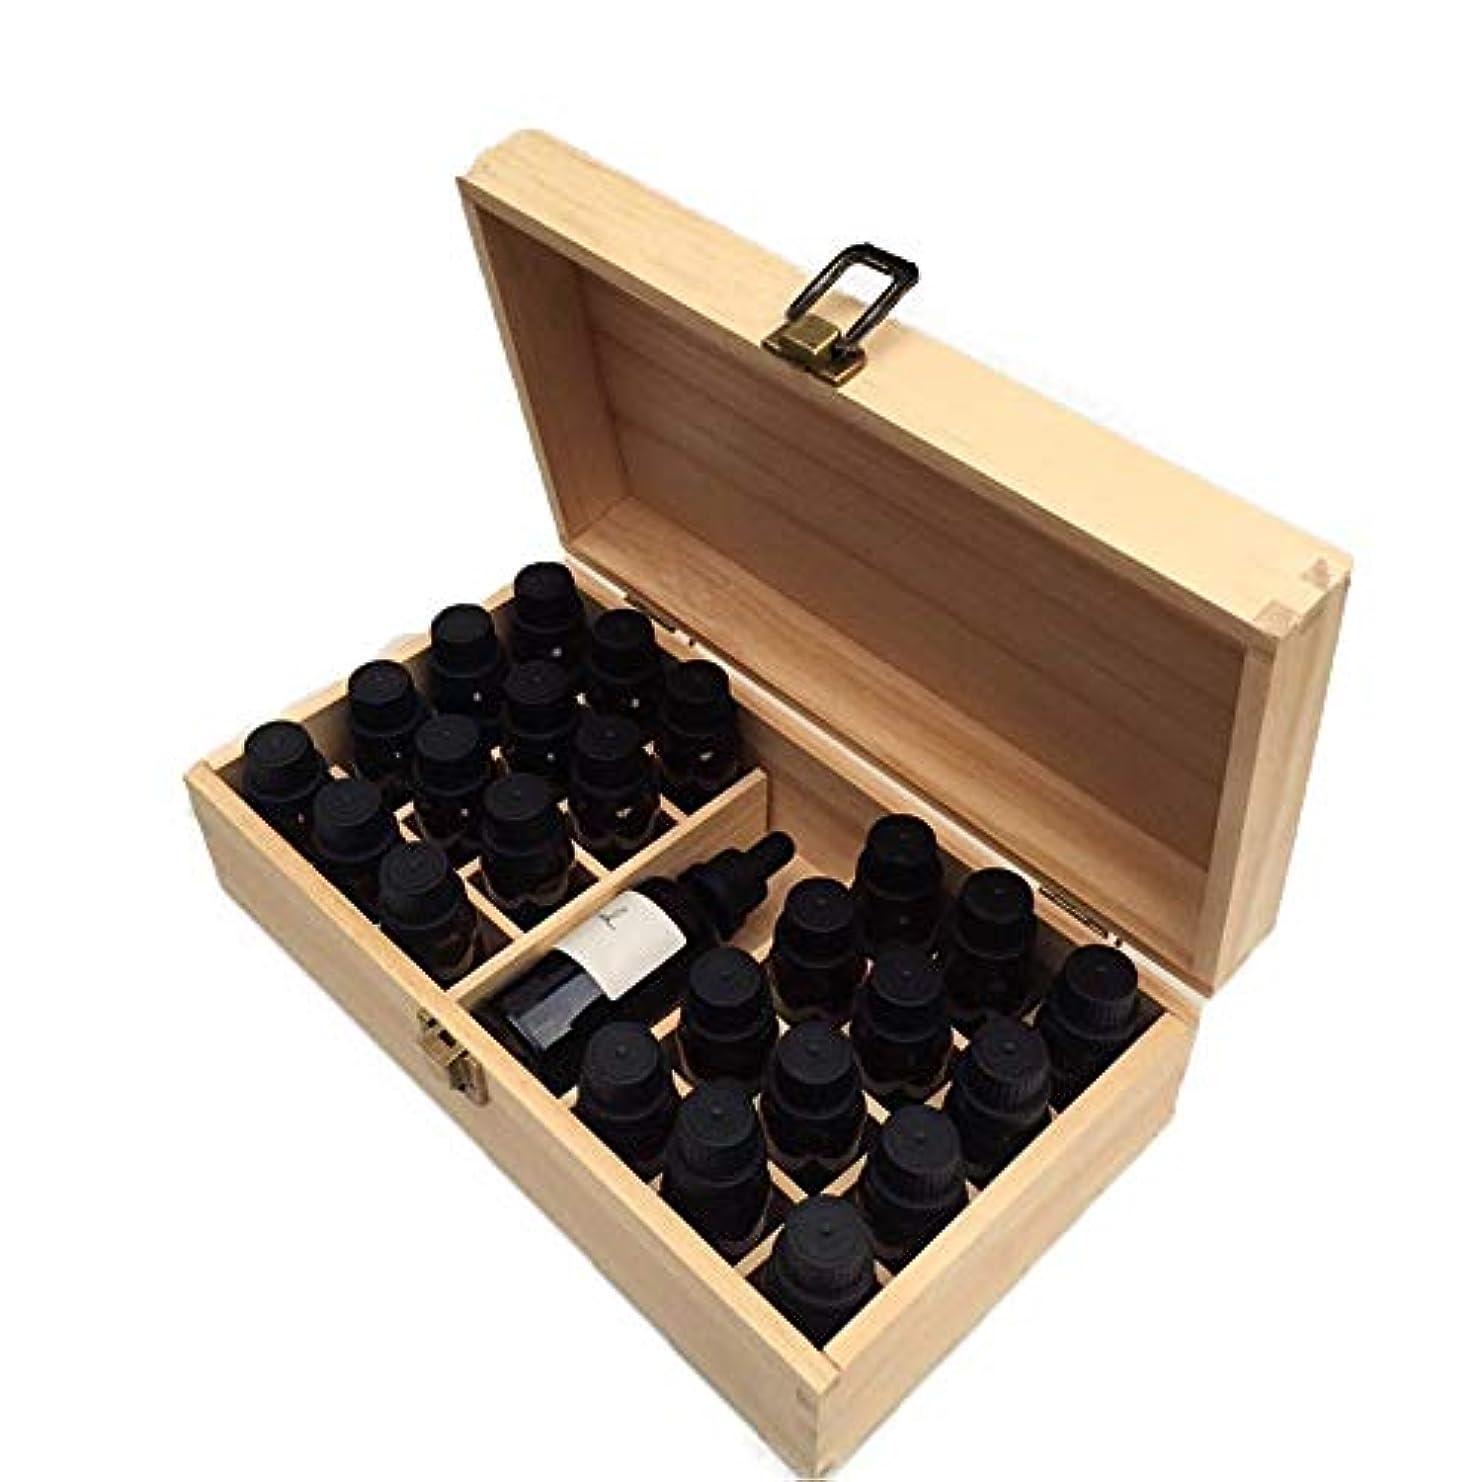 仮装緊急隔離エッセンシャルオイルの保管 ストレージボックスでは、安全に油を維持するためのベストハンドル25のボトル木製のエッセンシャルオイル (色 : Natural, サイズ : 27X15X9CM)